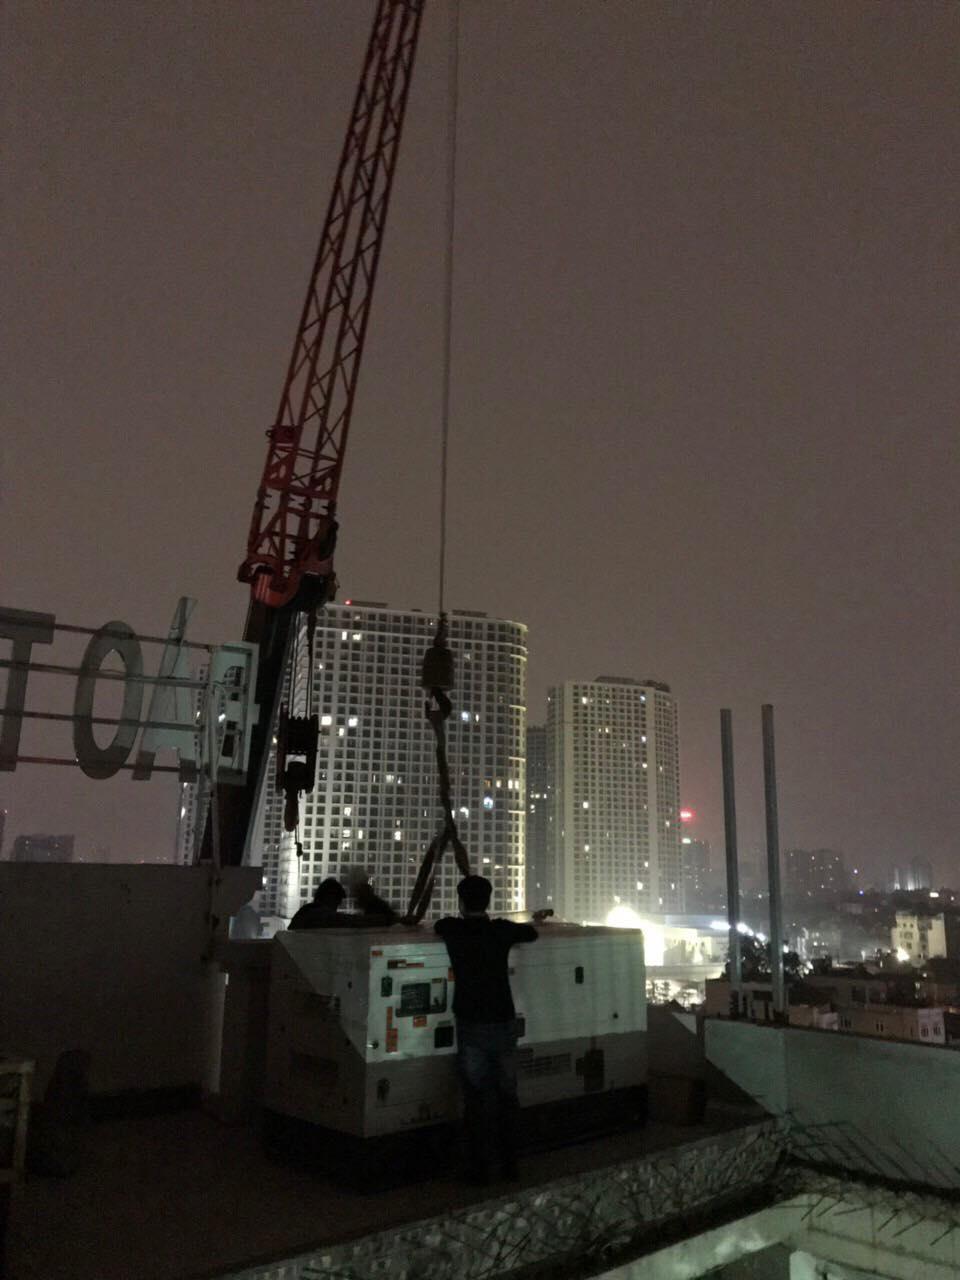 Cẩu máy phát điện Cummins 70kVA lên tầng thượng nhà hàng